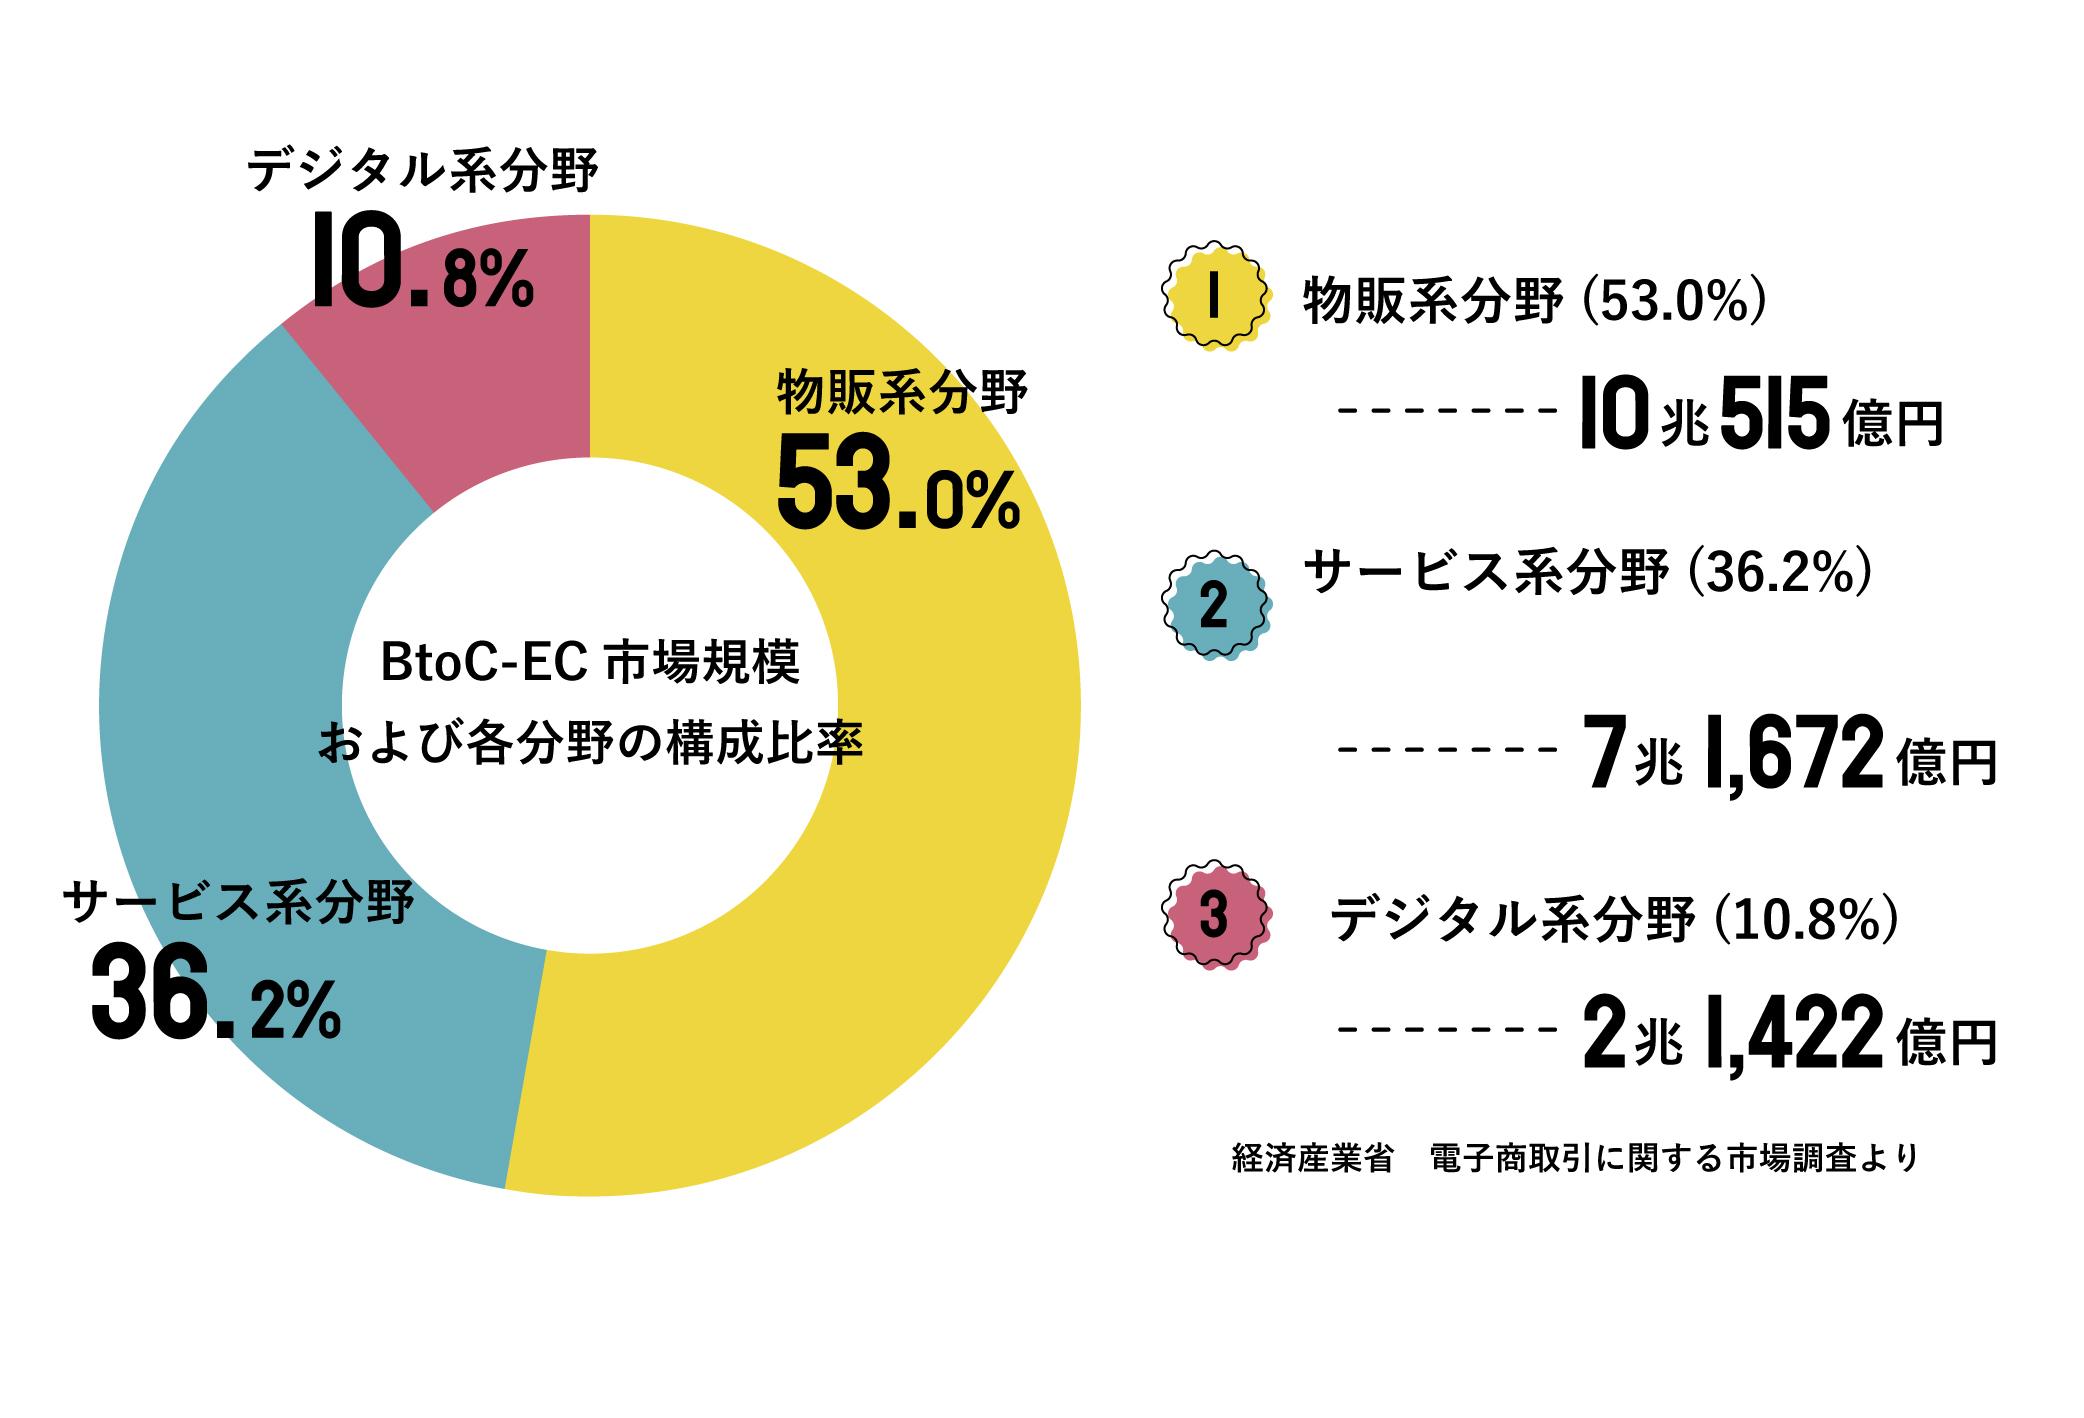 BtoC-ECの市場規模および各分野の構成比率